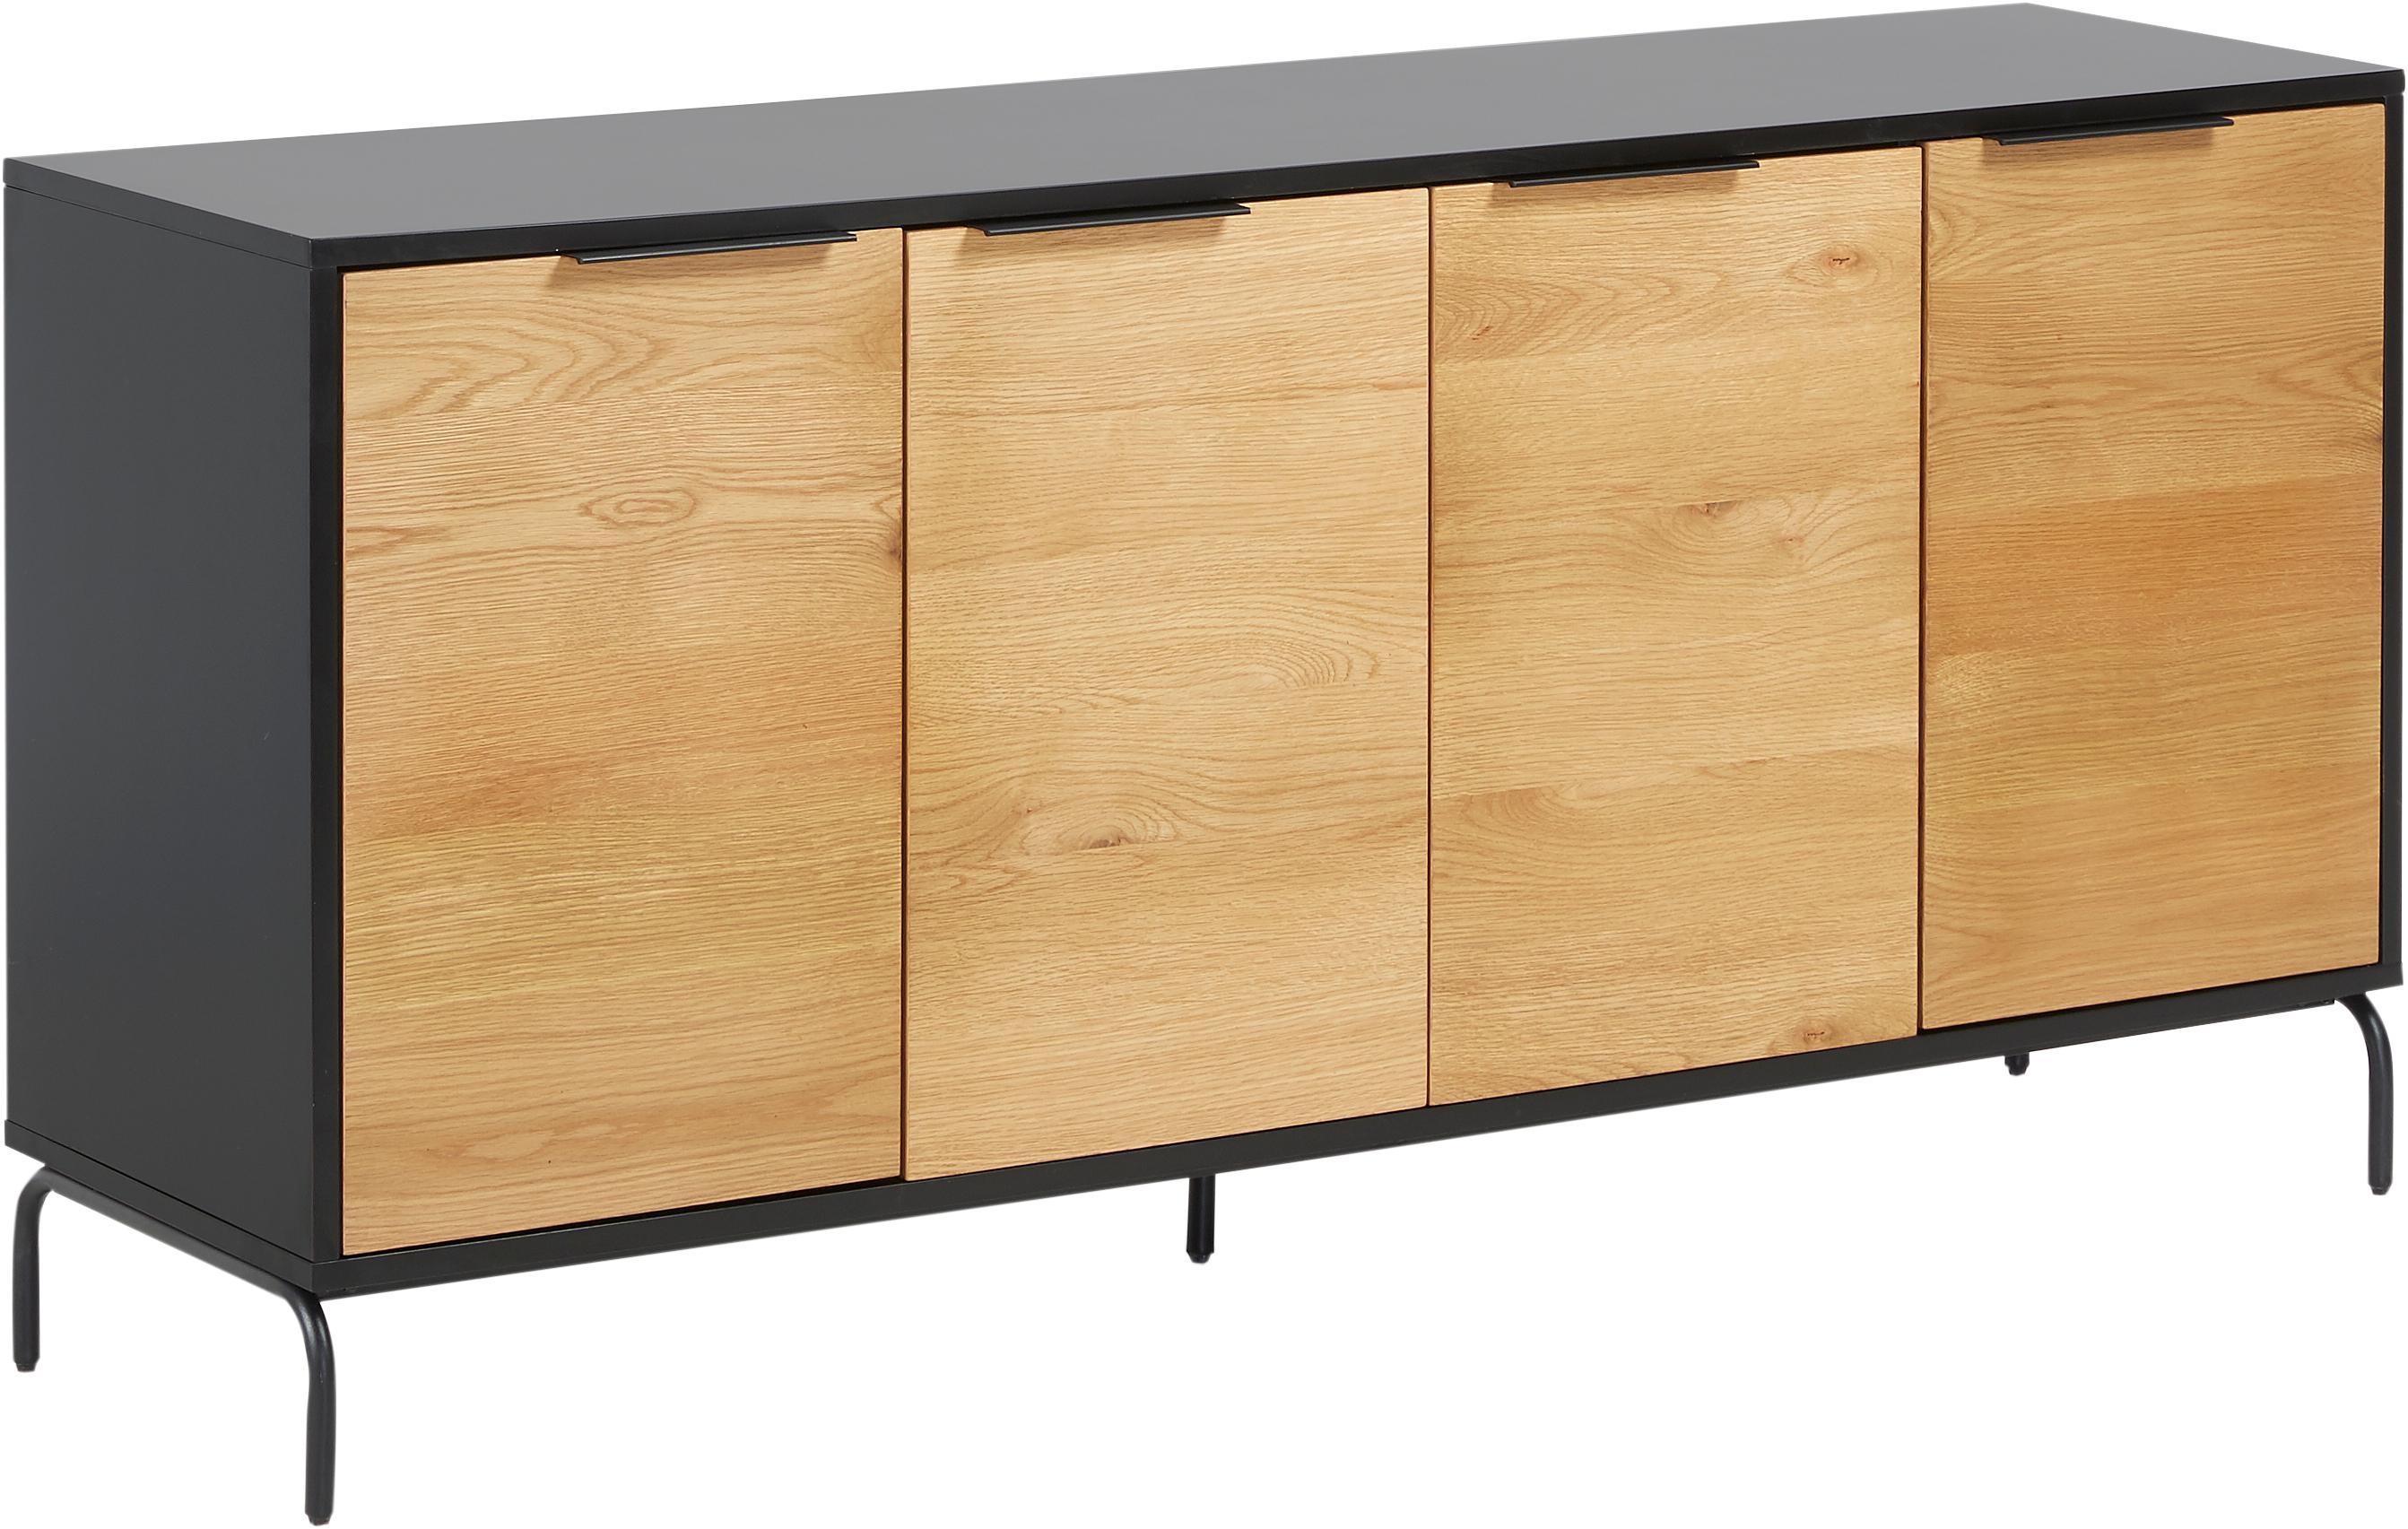 Sideboard Stellar mit 4 Türen aus Eichenholzfurnier, Korpus: Mitteldichte Holzfaserpla, Schwarz, Eichenholz, 165 x 80 cm